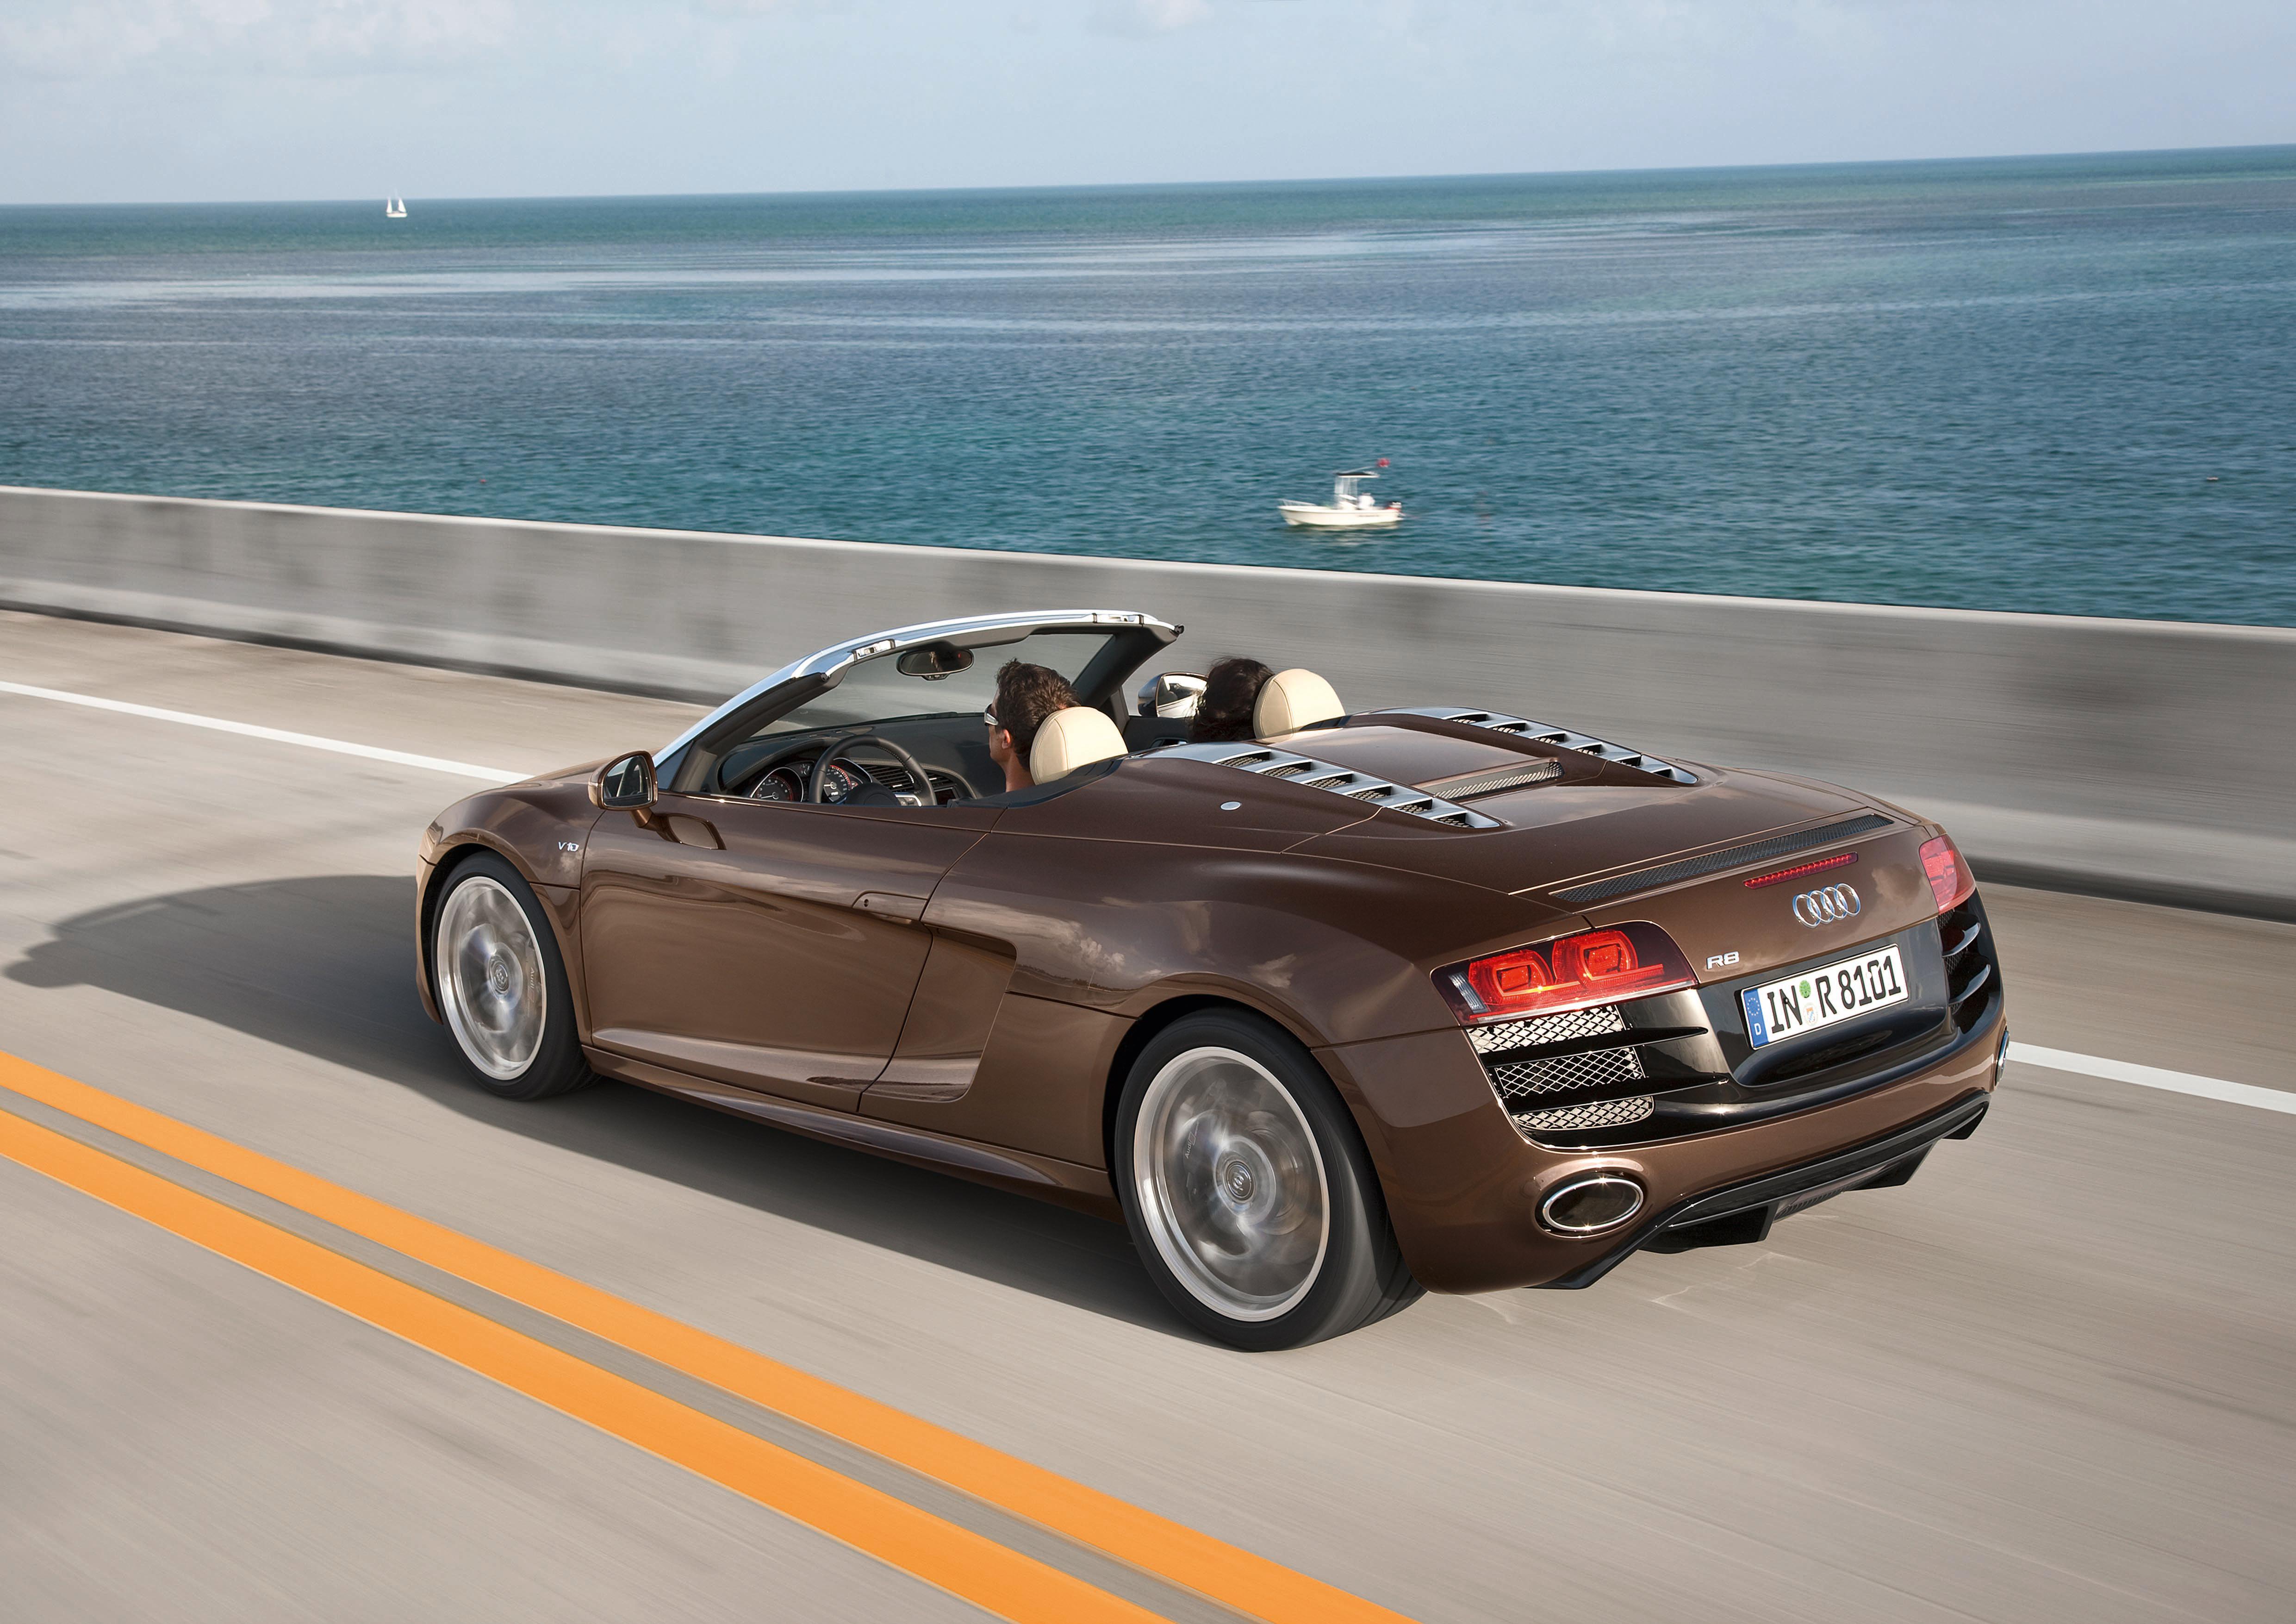 Audi R8 Spyder/Fahraufnahme